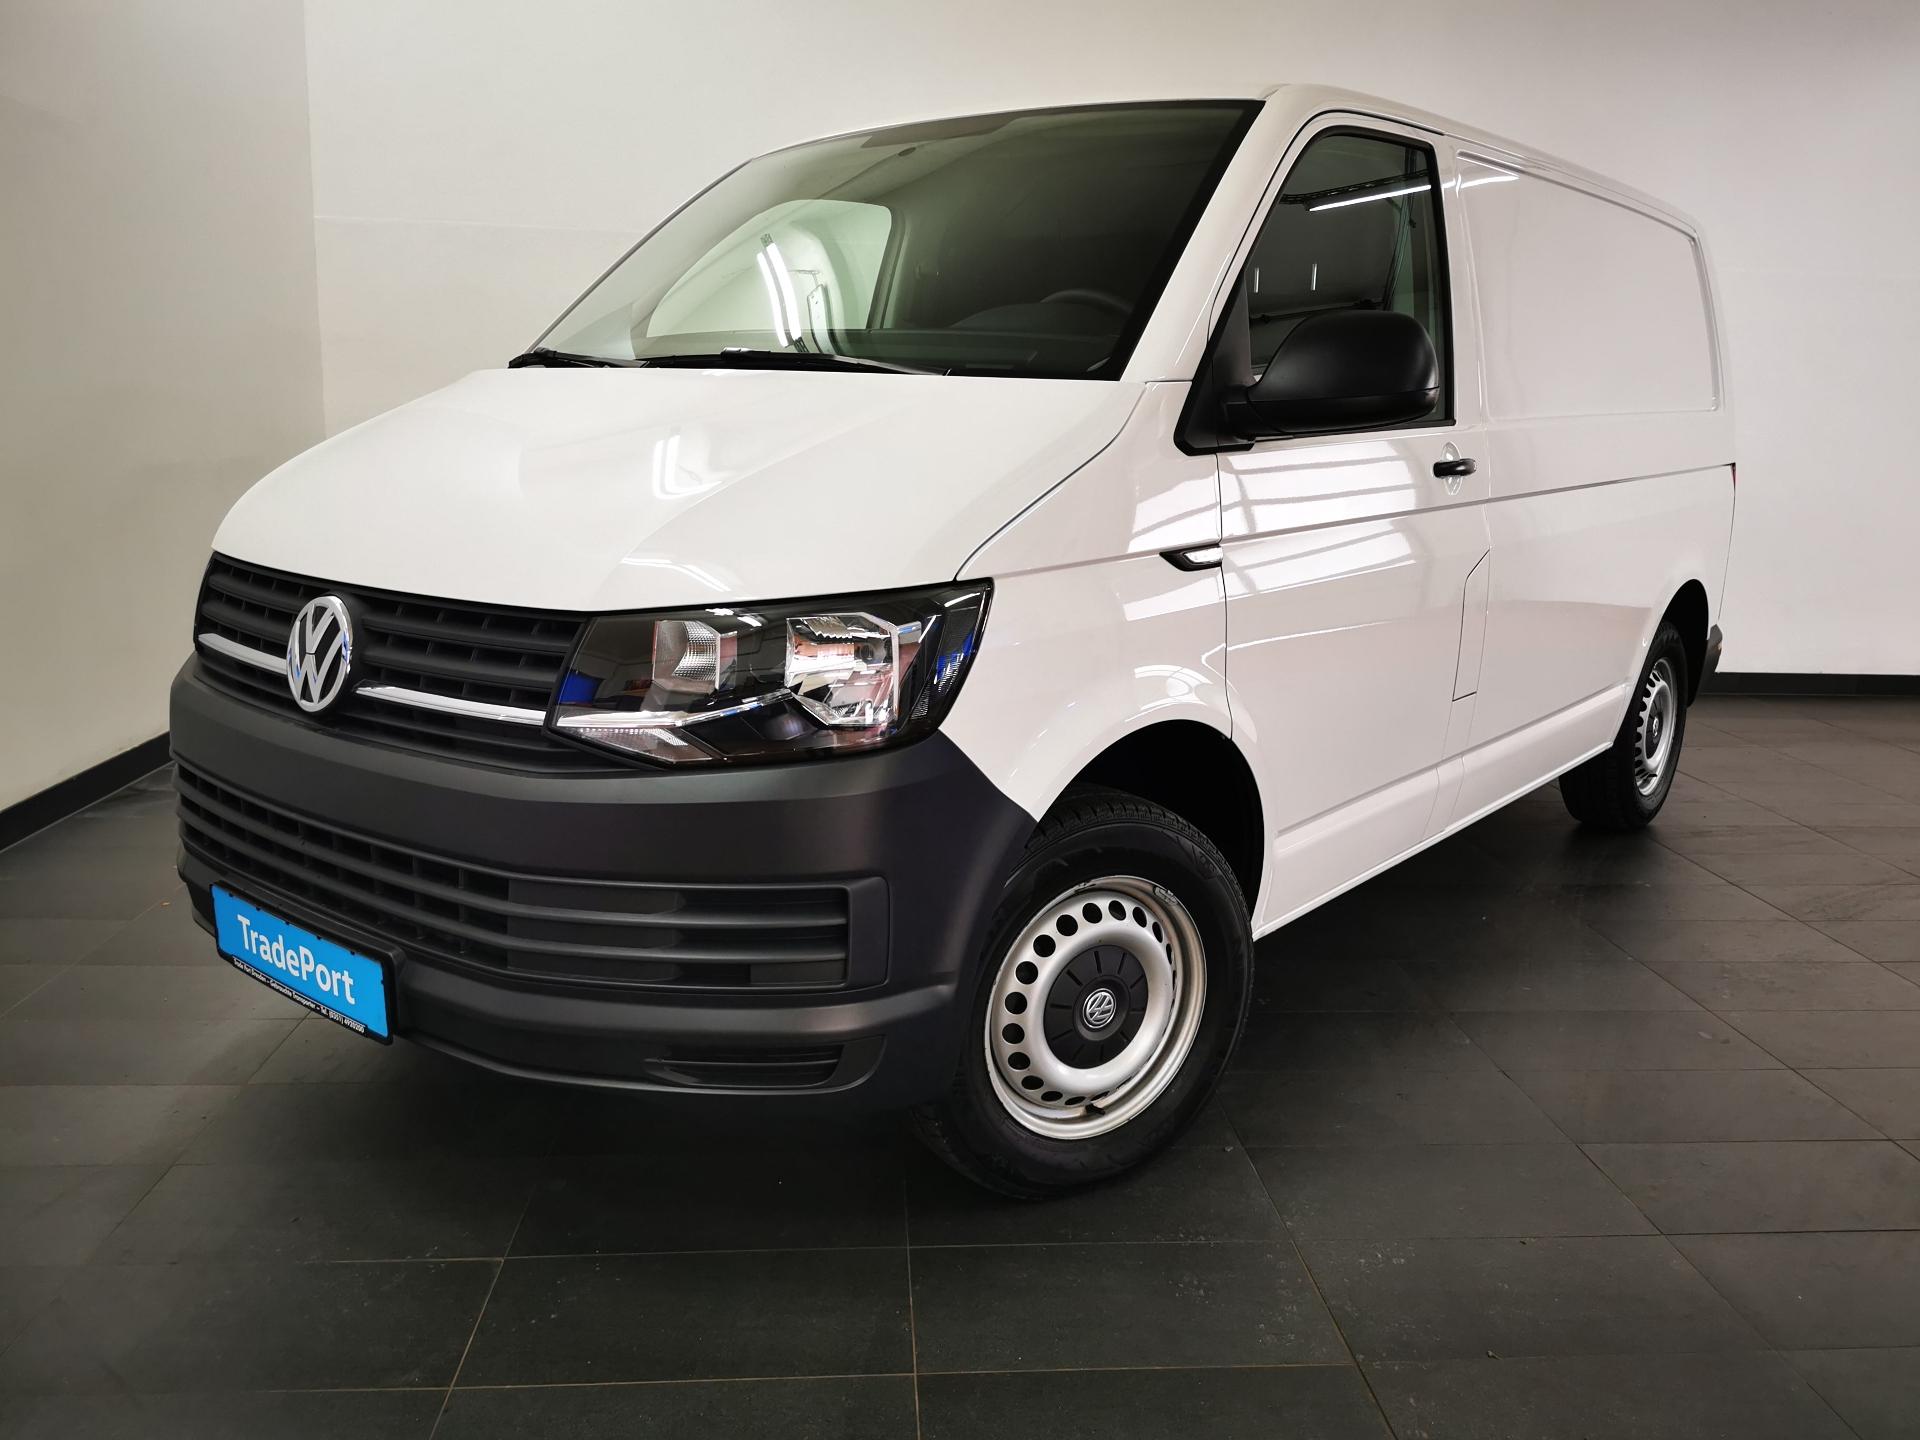 Volkswagen T6 Kasten 2,0 TDI AHZV RADIO HOLZBODEN 3,99%, Jahr 2017, Diesel